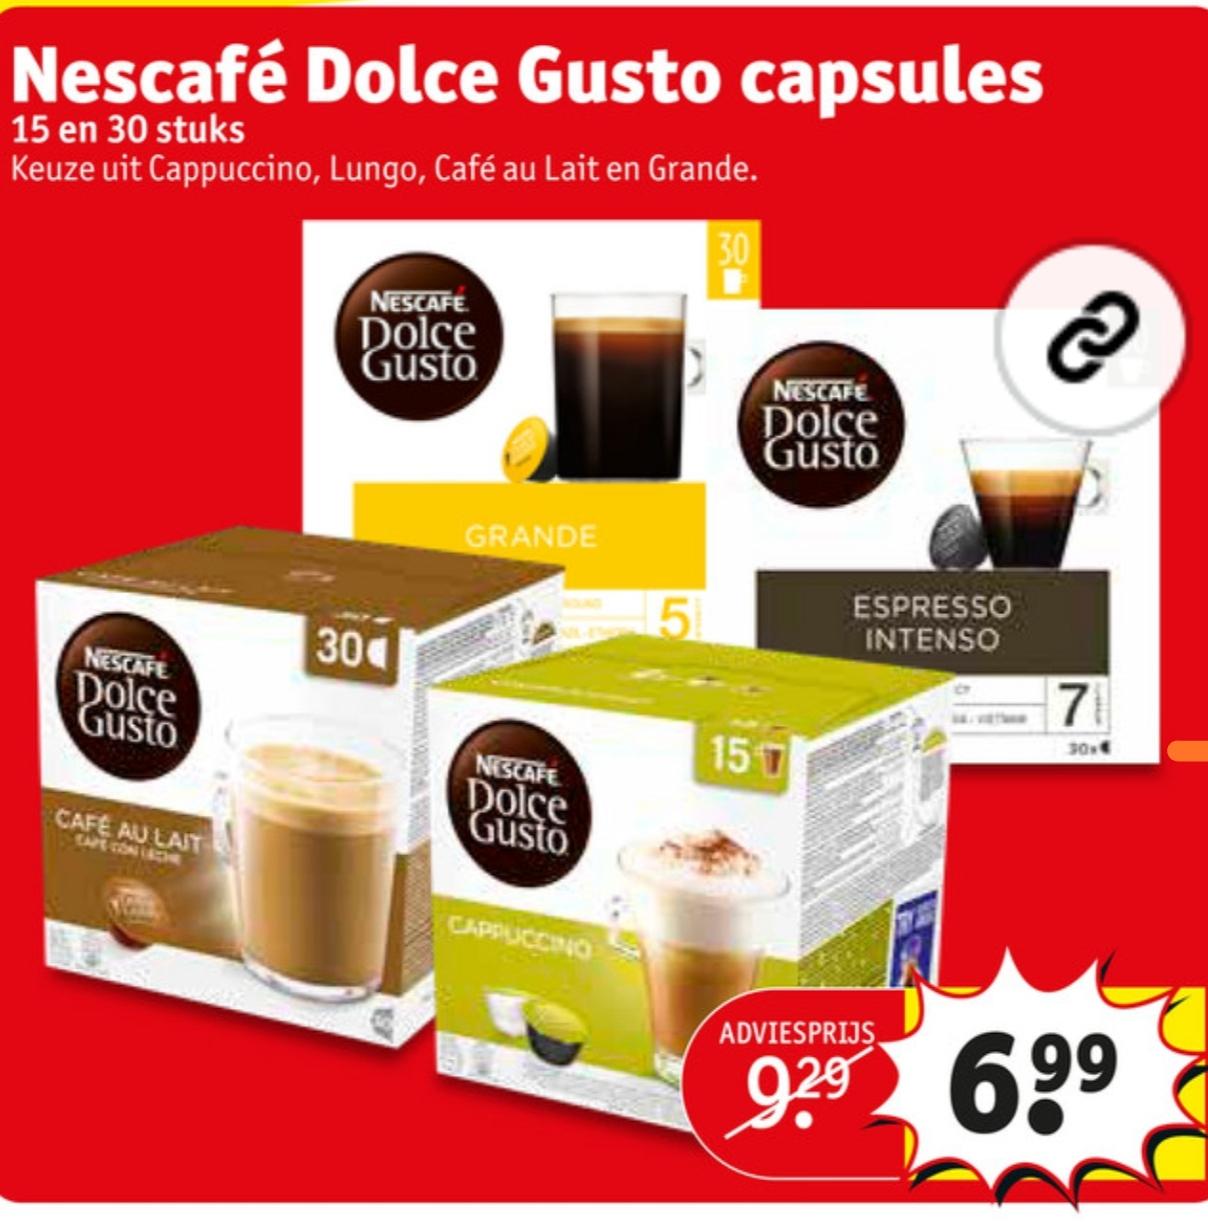 Nescafé Dolce Gusto 30 cups